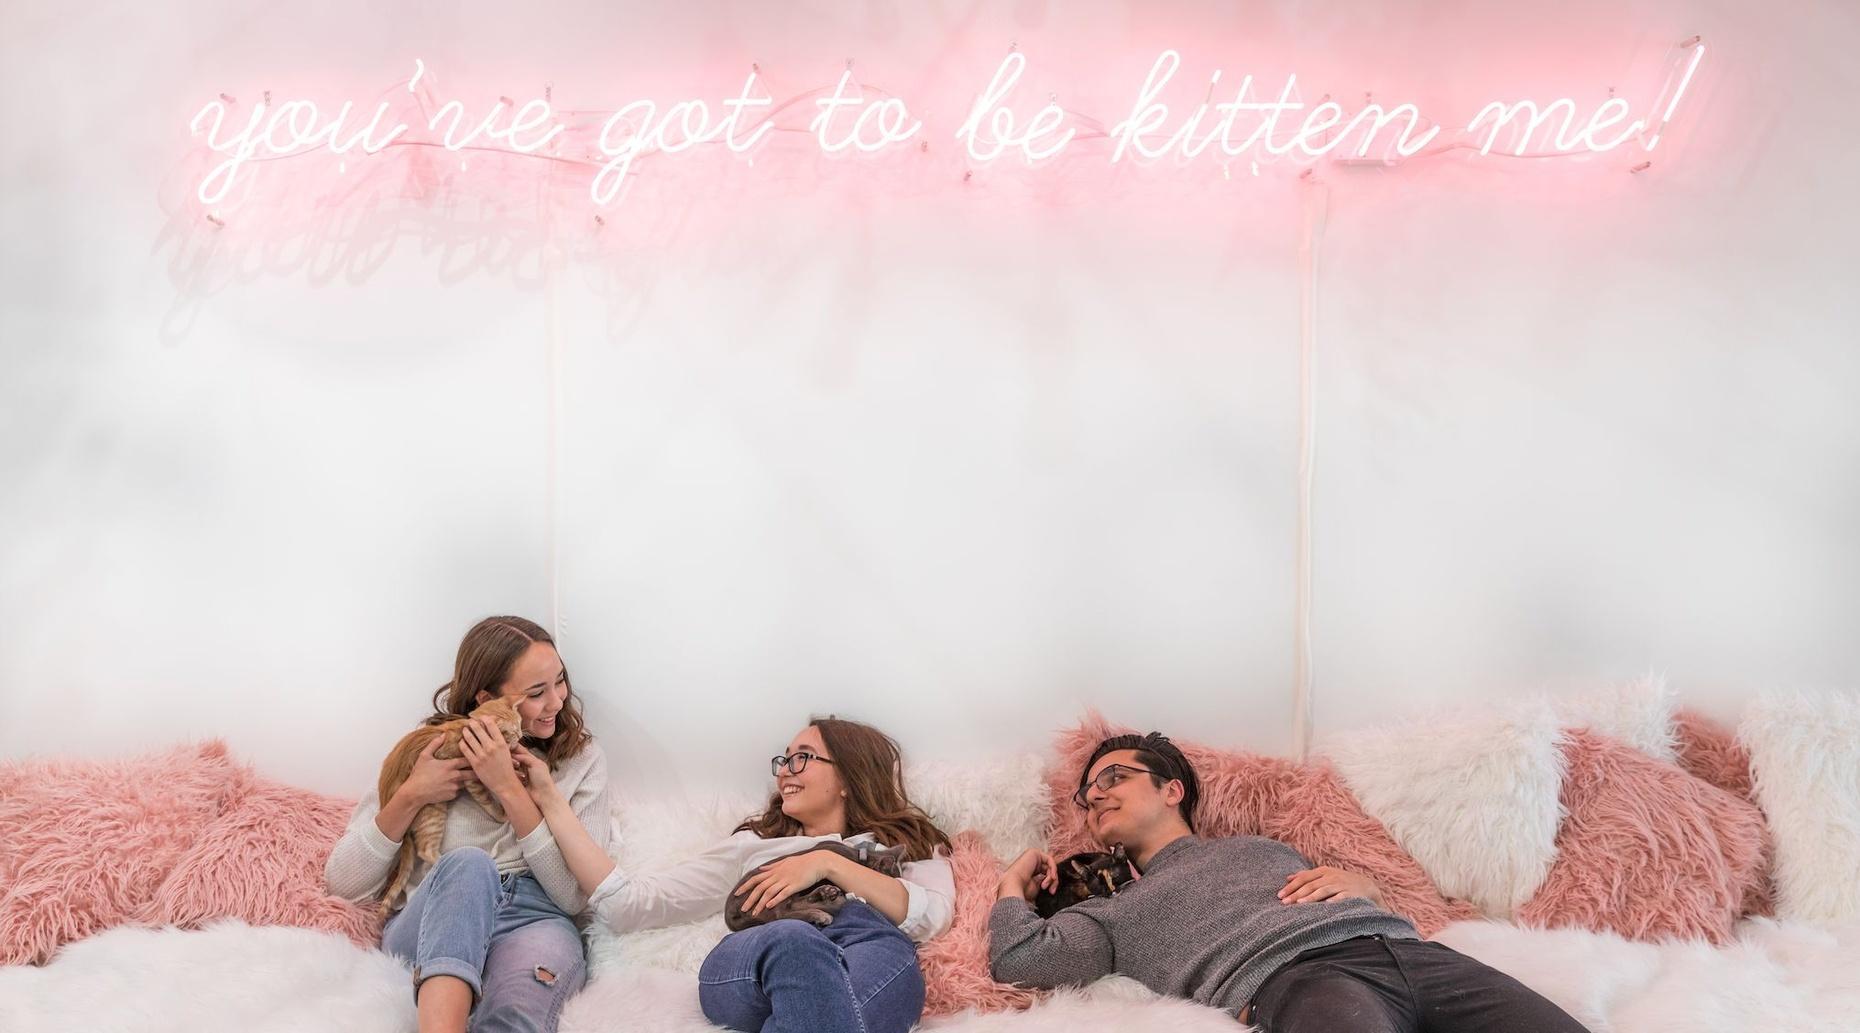 70 Minute Kitten Extravaganza - The Kitten Lounge